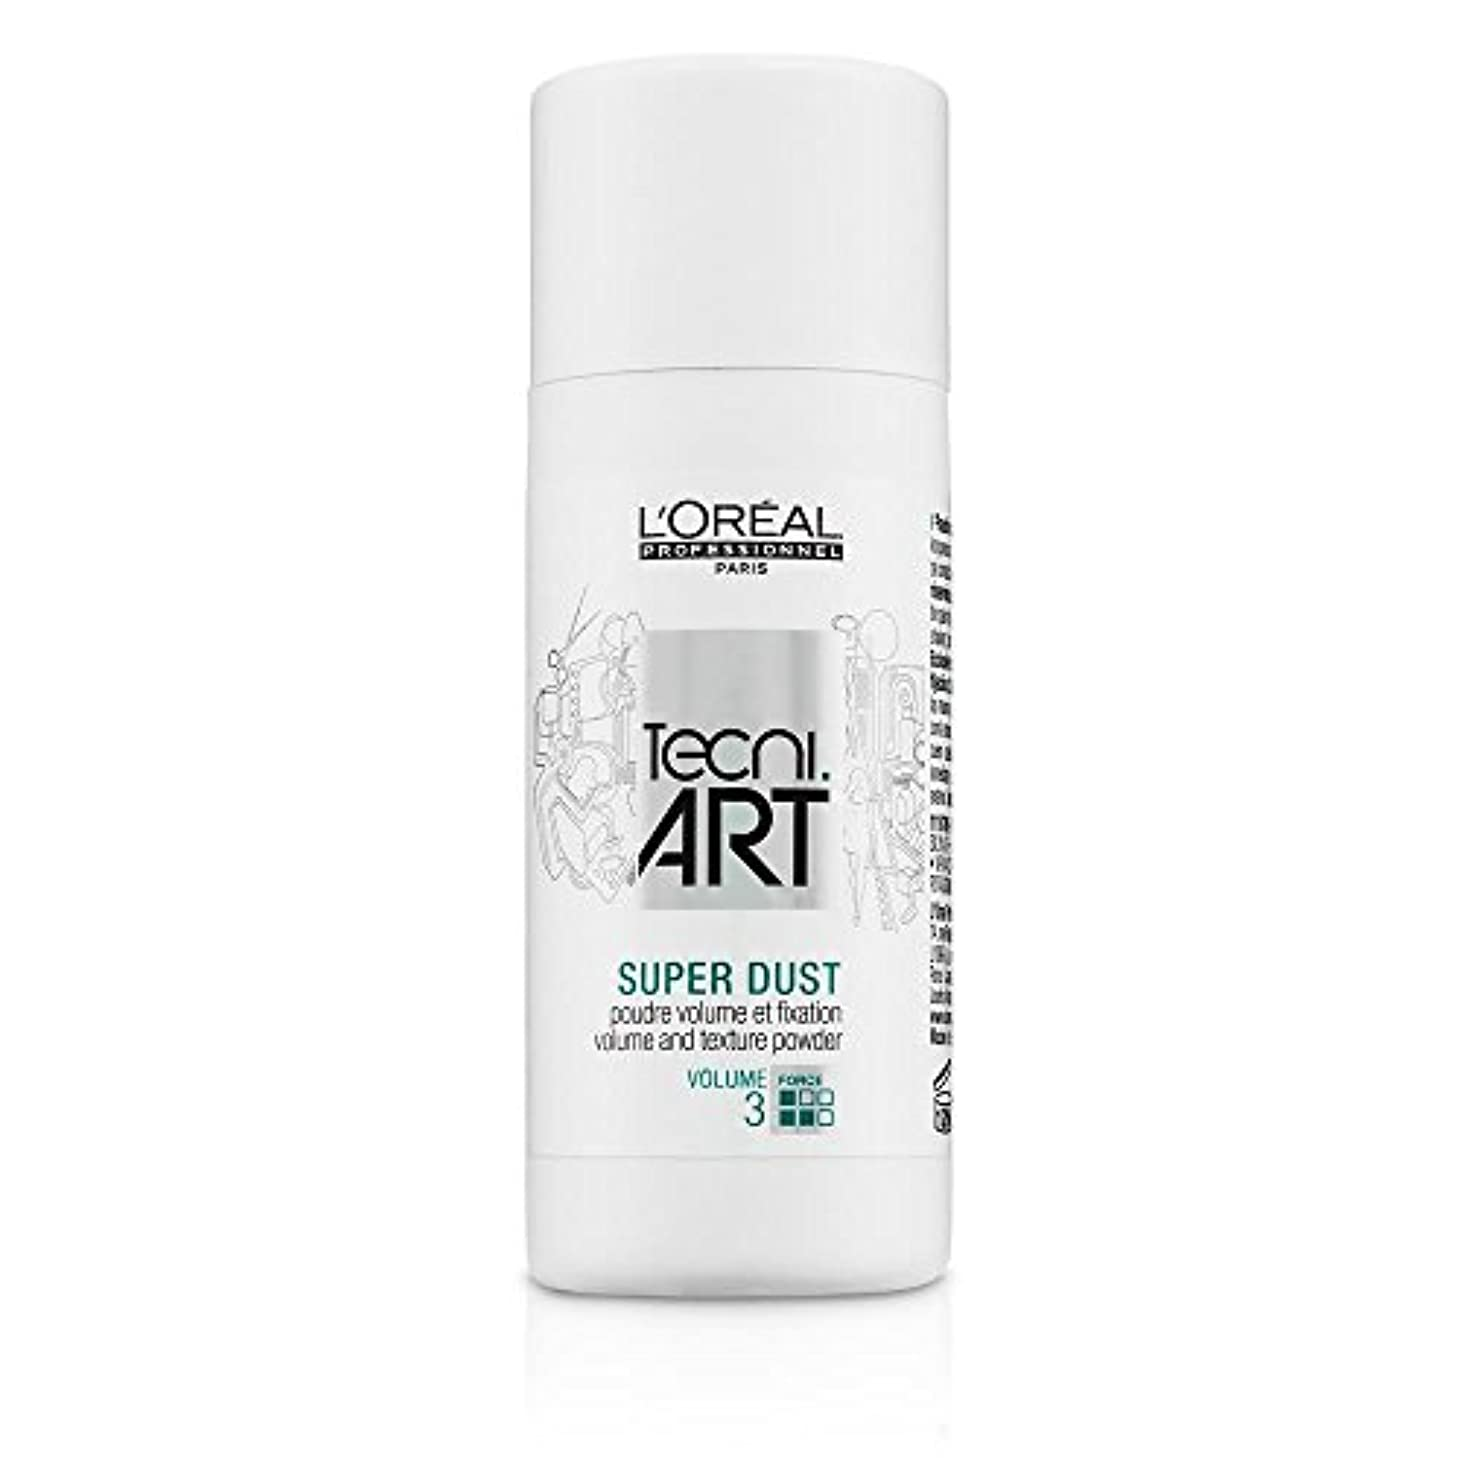 フロー解説協力するL'Oreal Tecni Art Super Dust - Volume And Texture Powder 7g [並行輸入品]